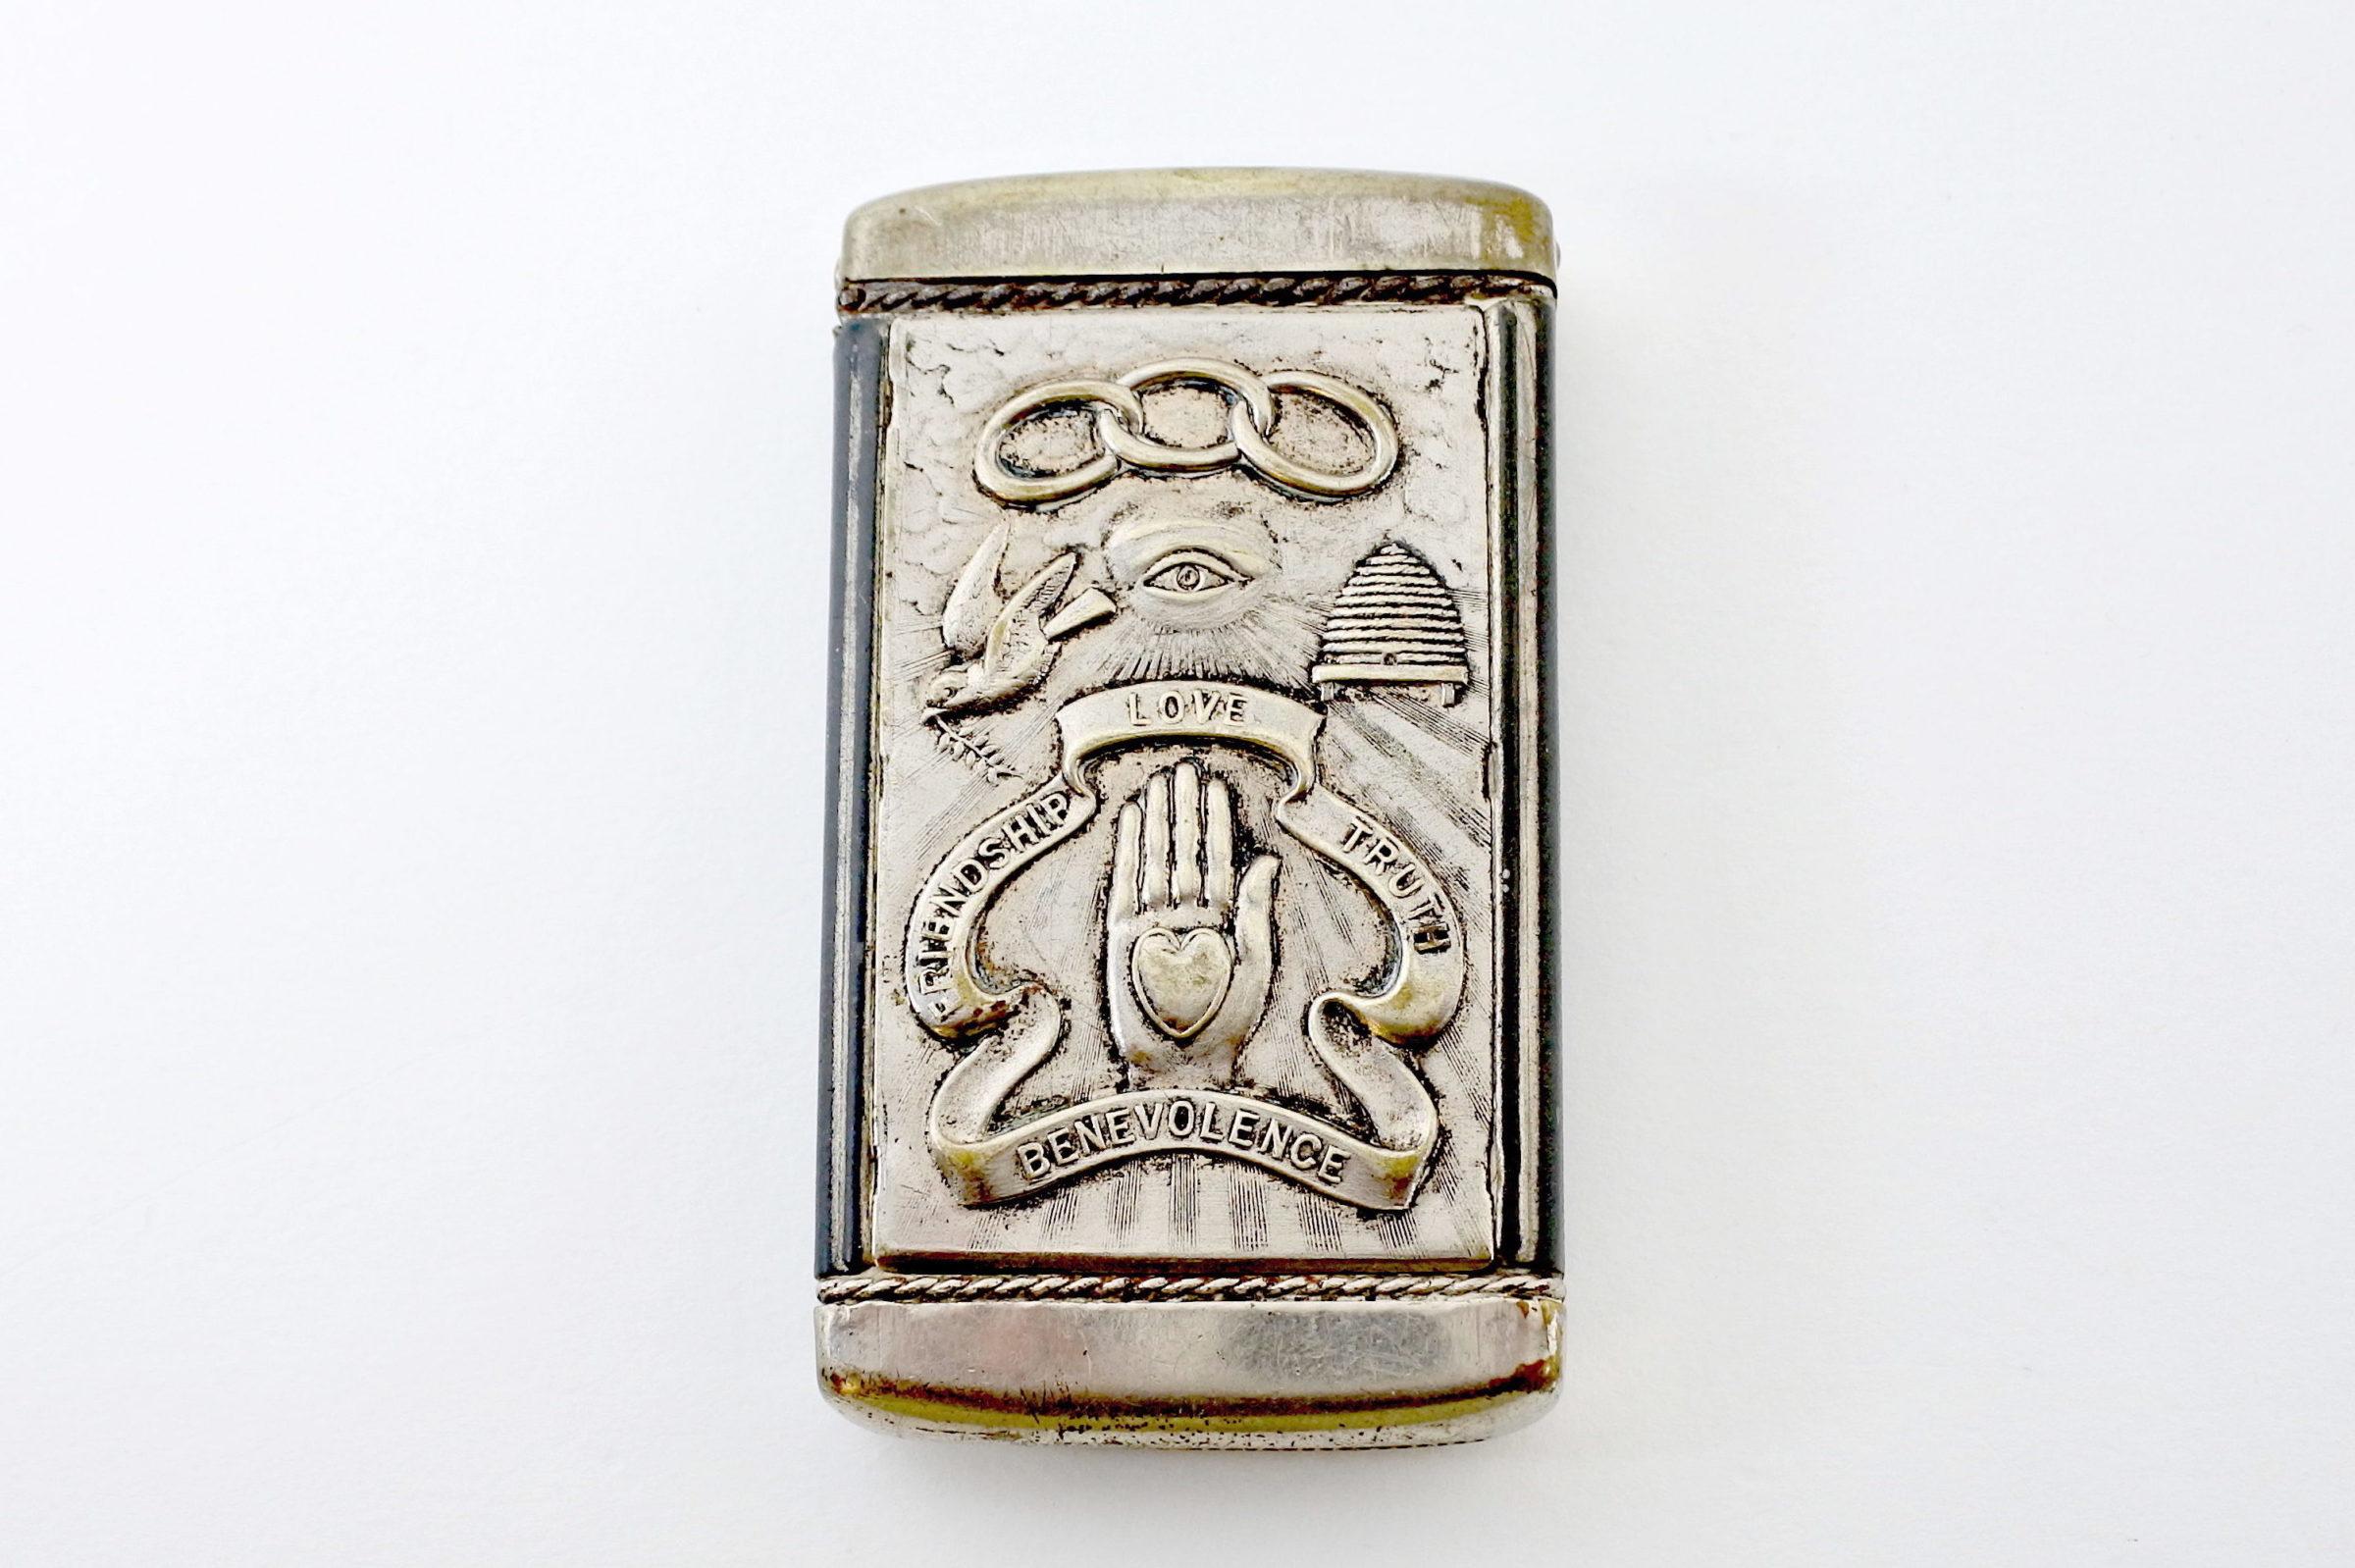 Portafiammiferi massonico in metallo argentato - Altezza 7 cm - 2